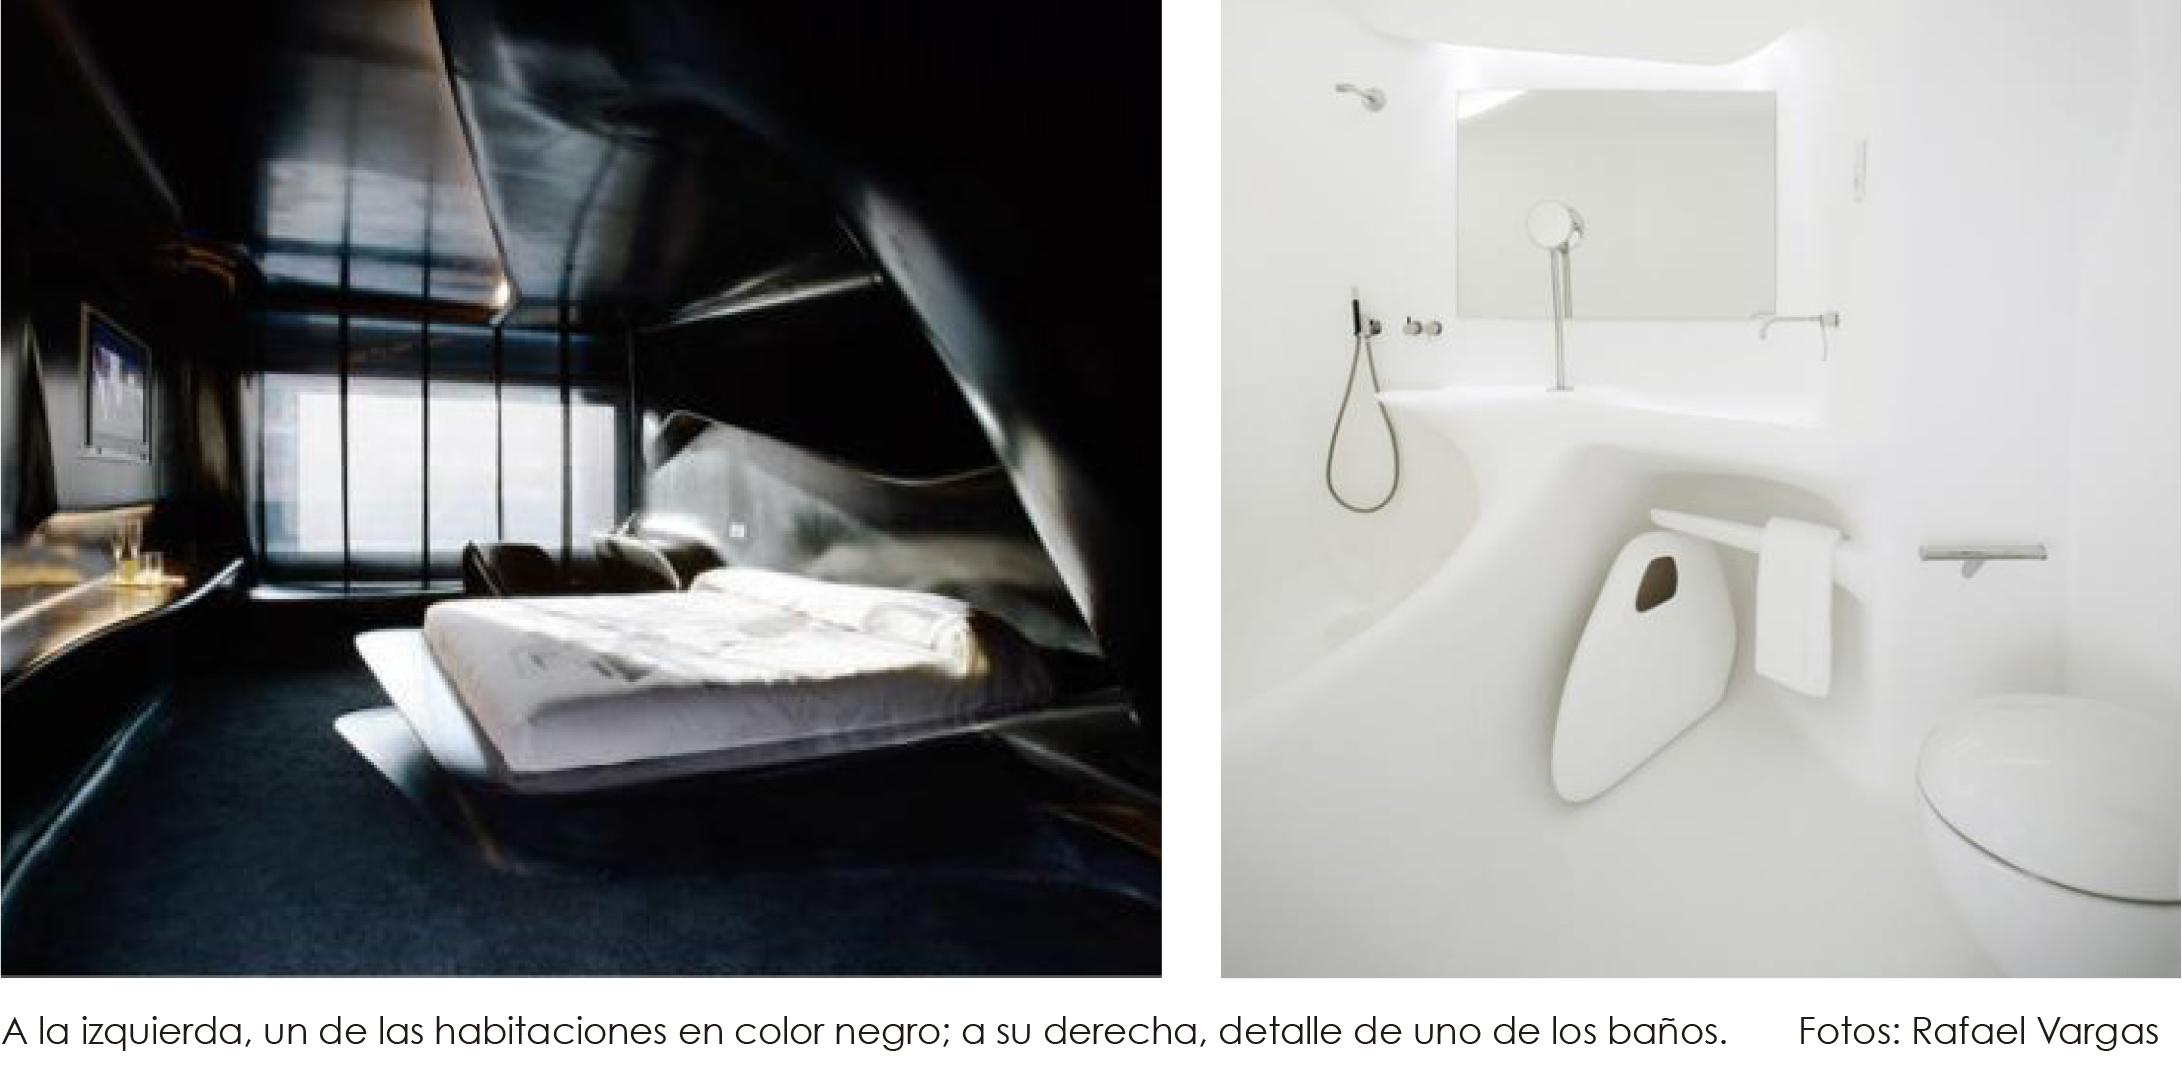 Zaha Hadid Un Hotel De Lujo Con Arquitectura De Vanguardia # Muebles De Zaha Hadid